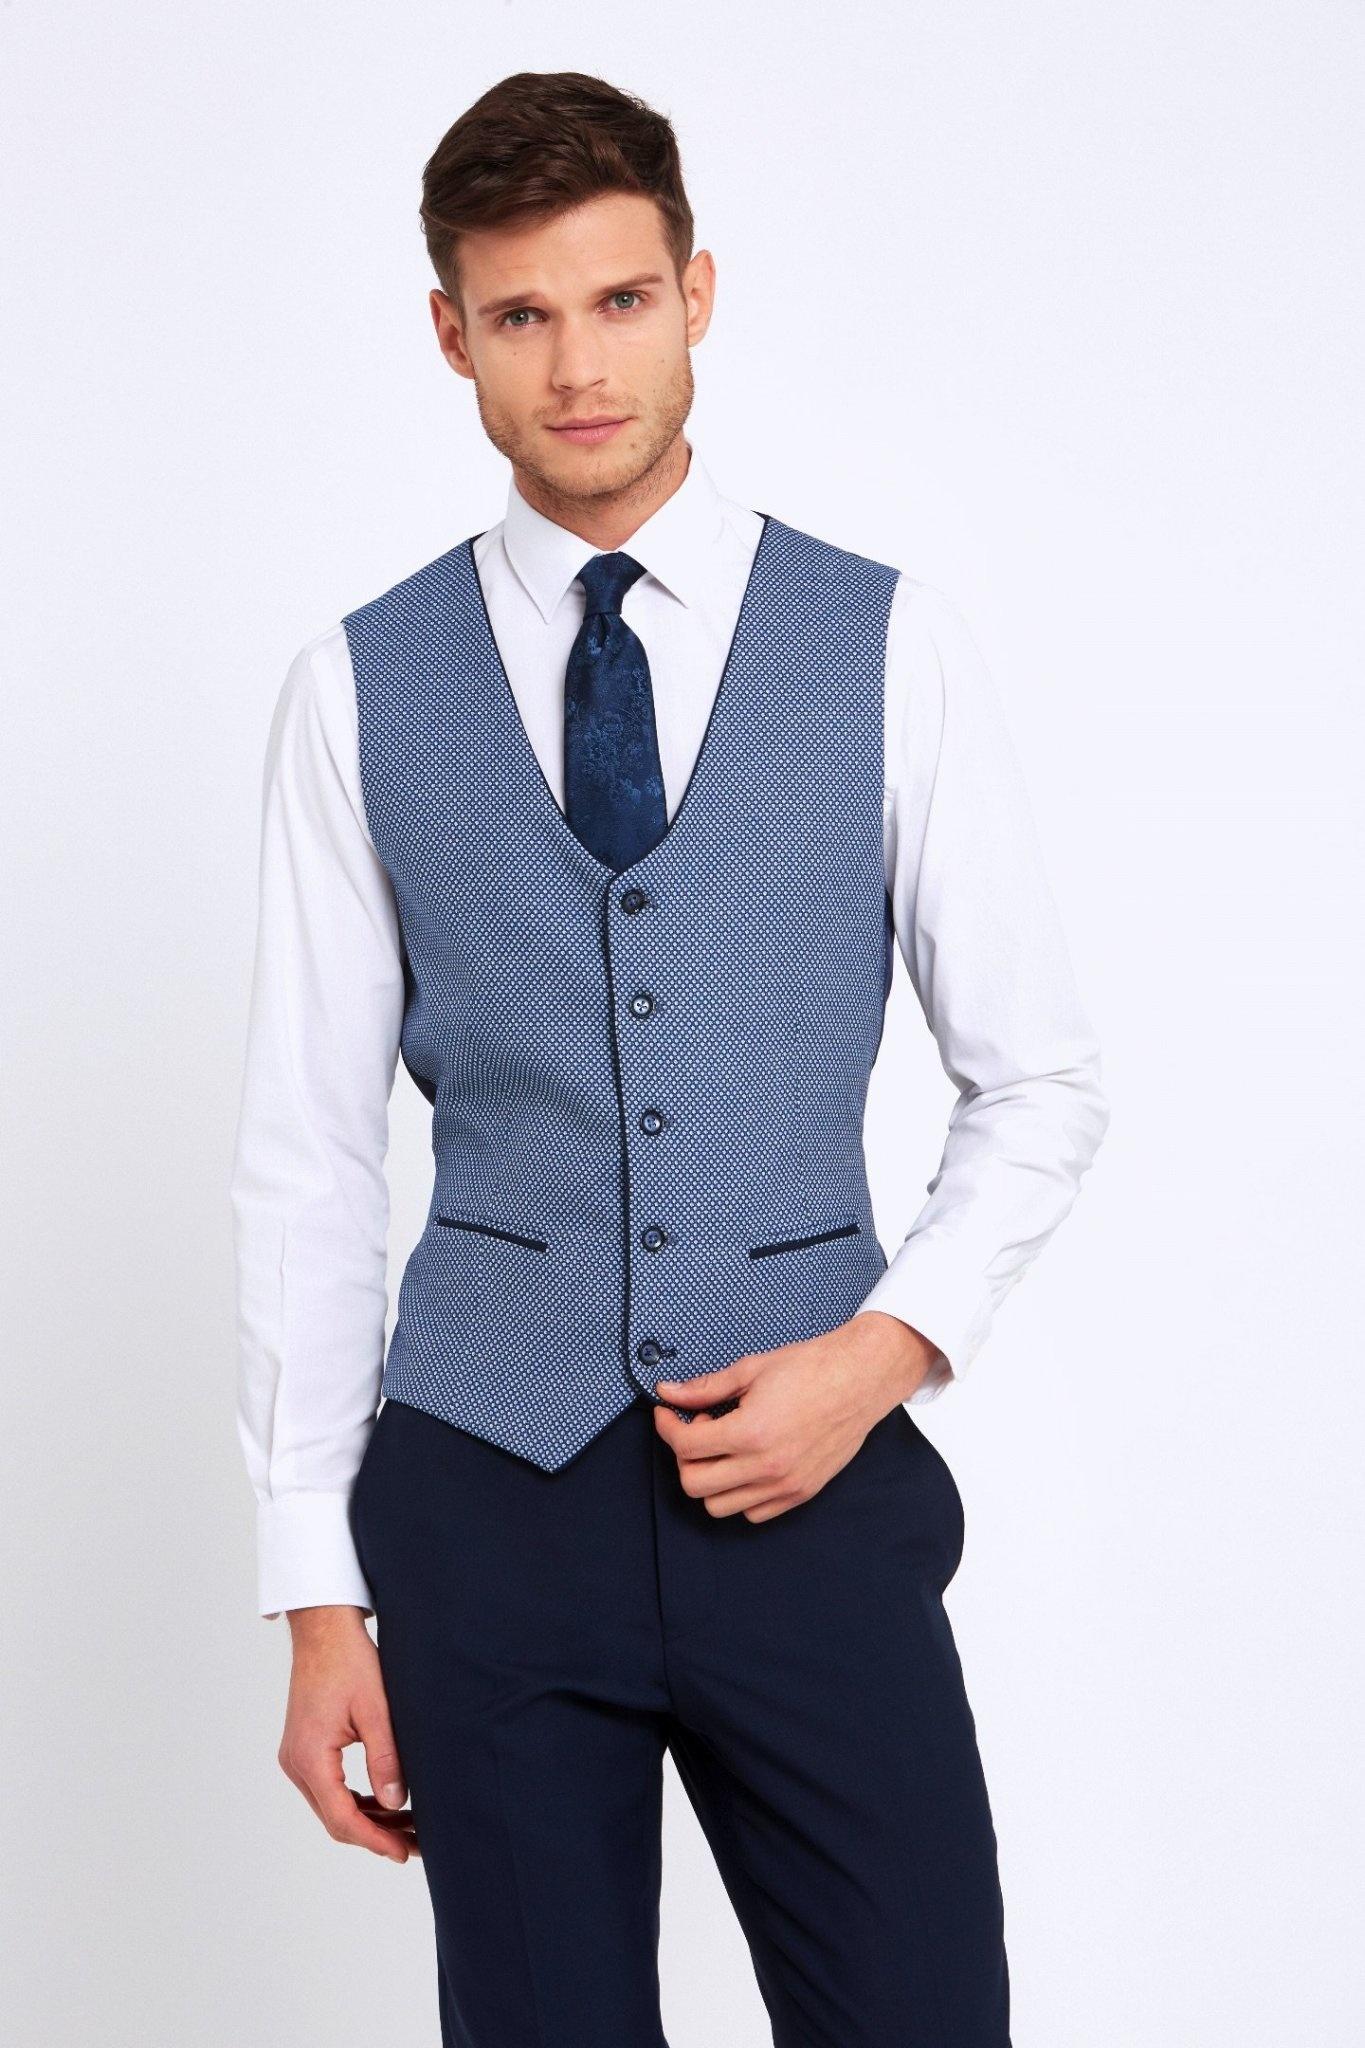 benetti Alexander waistcoat  mix & match